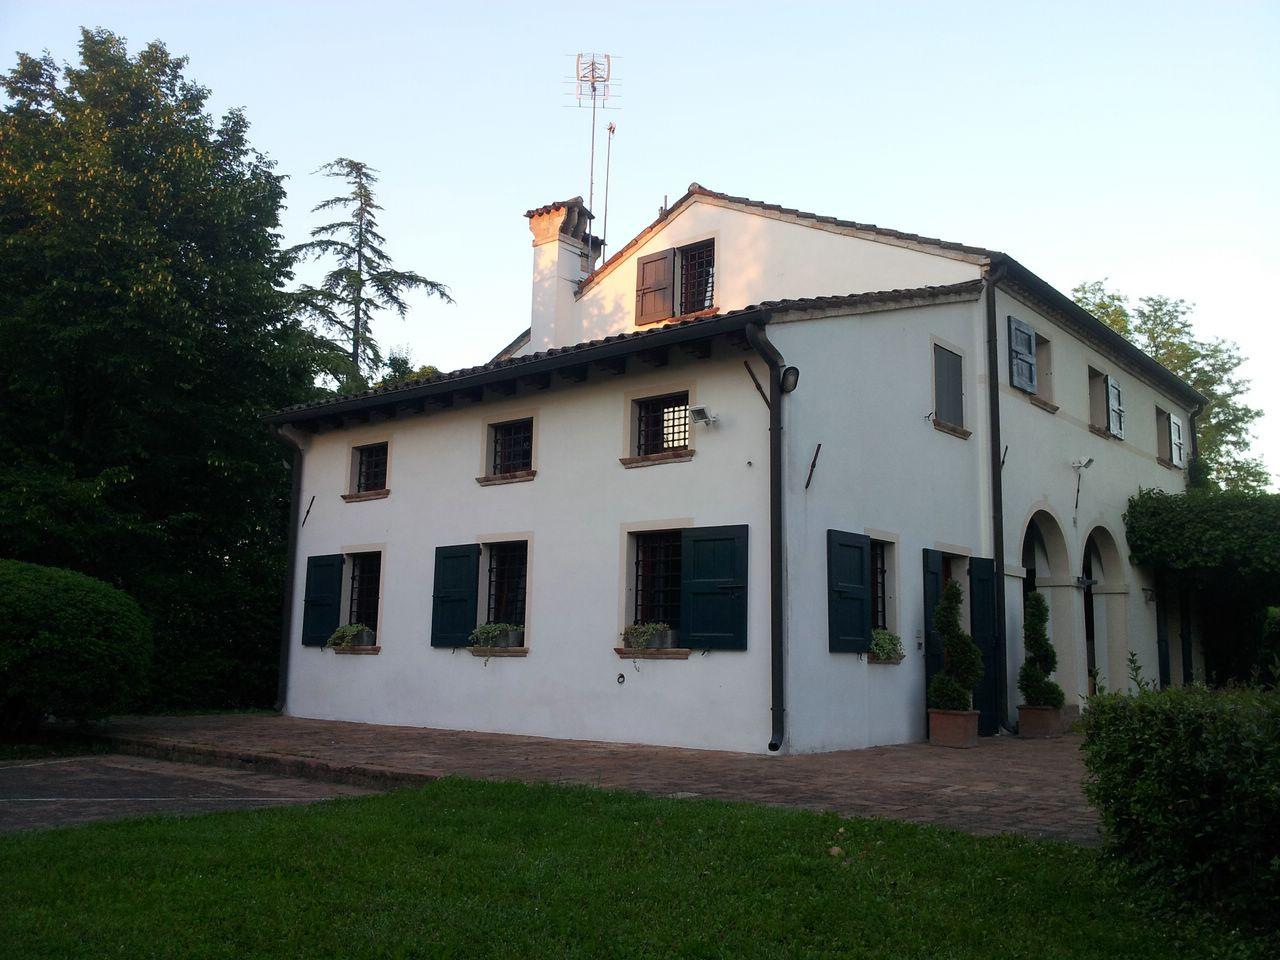 Rustico / Casale in affitto a Monastier di Treviso, 10 locali, zona Località: ChiesaVecchia, prezzo € 1.700 | CambioCasa.it